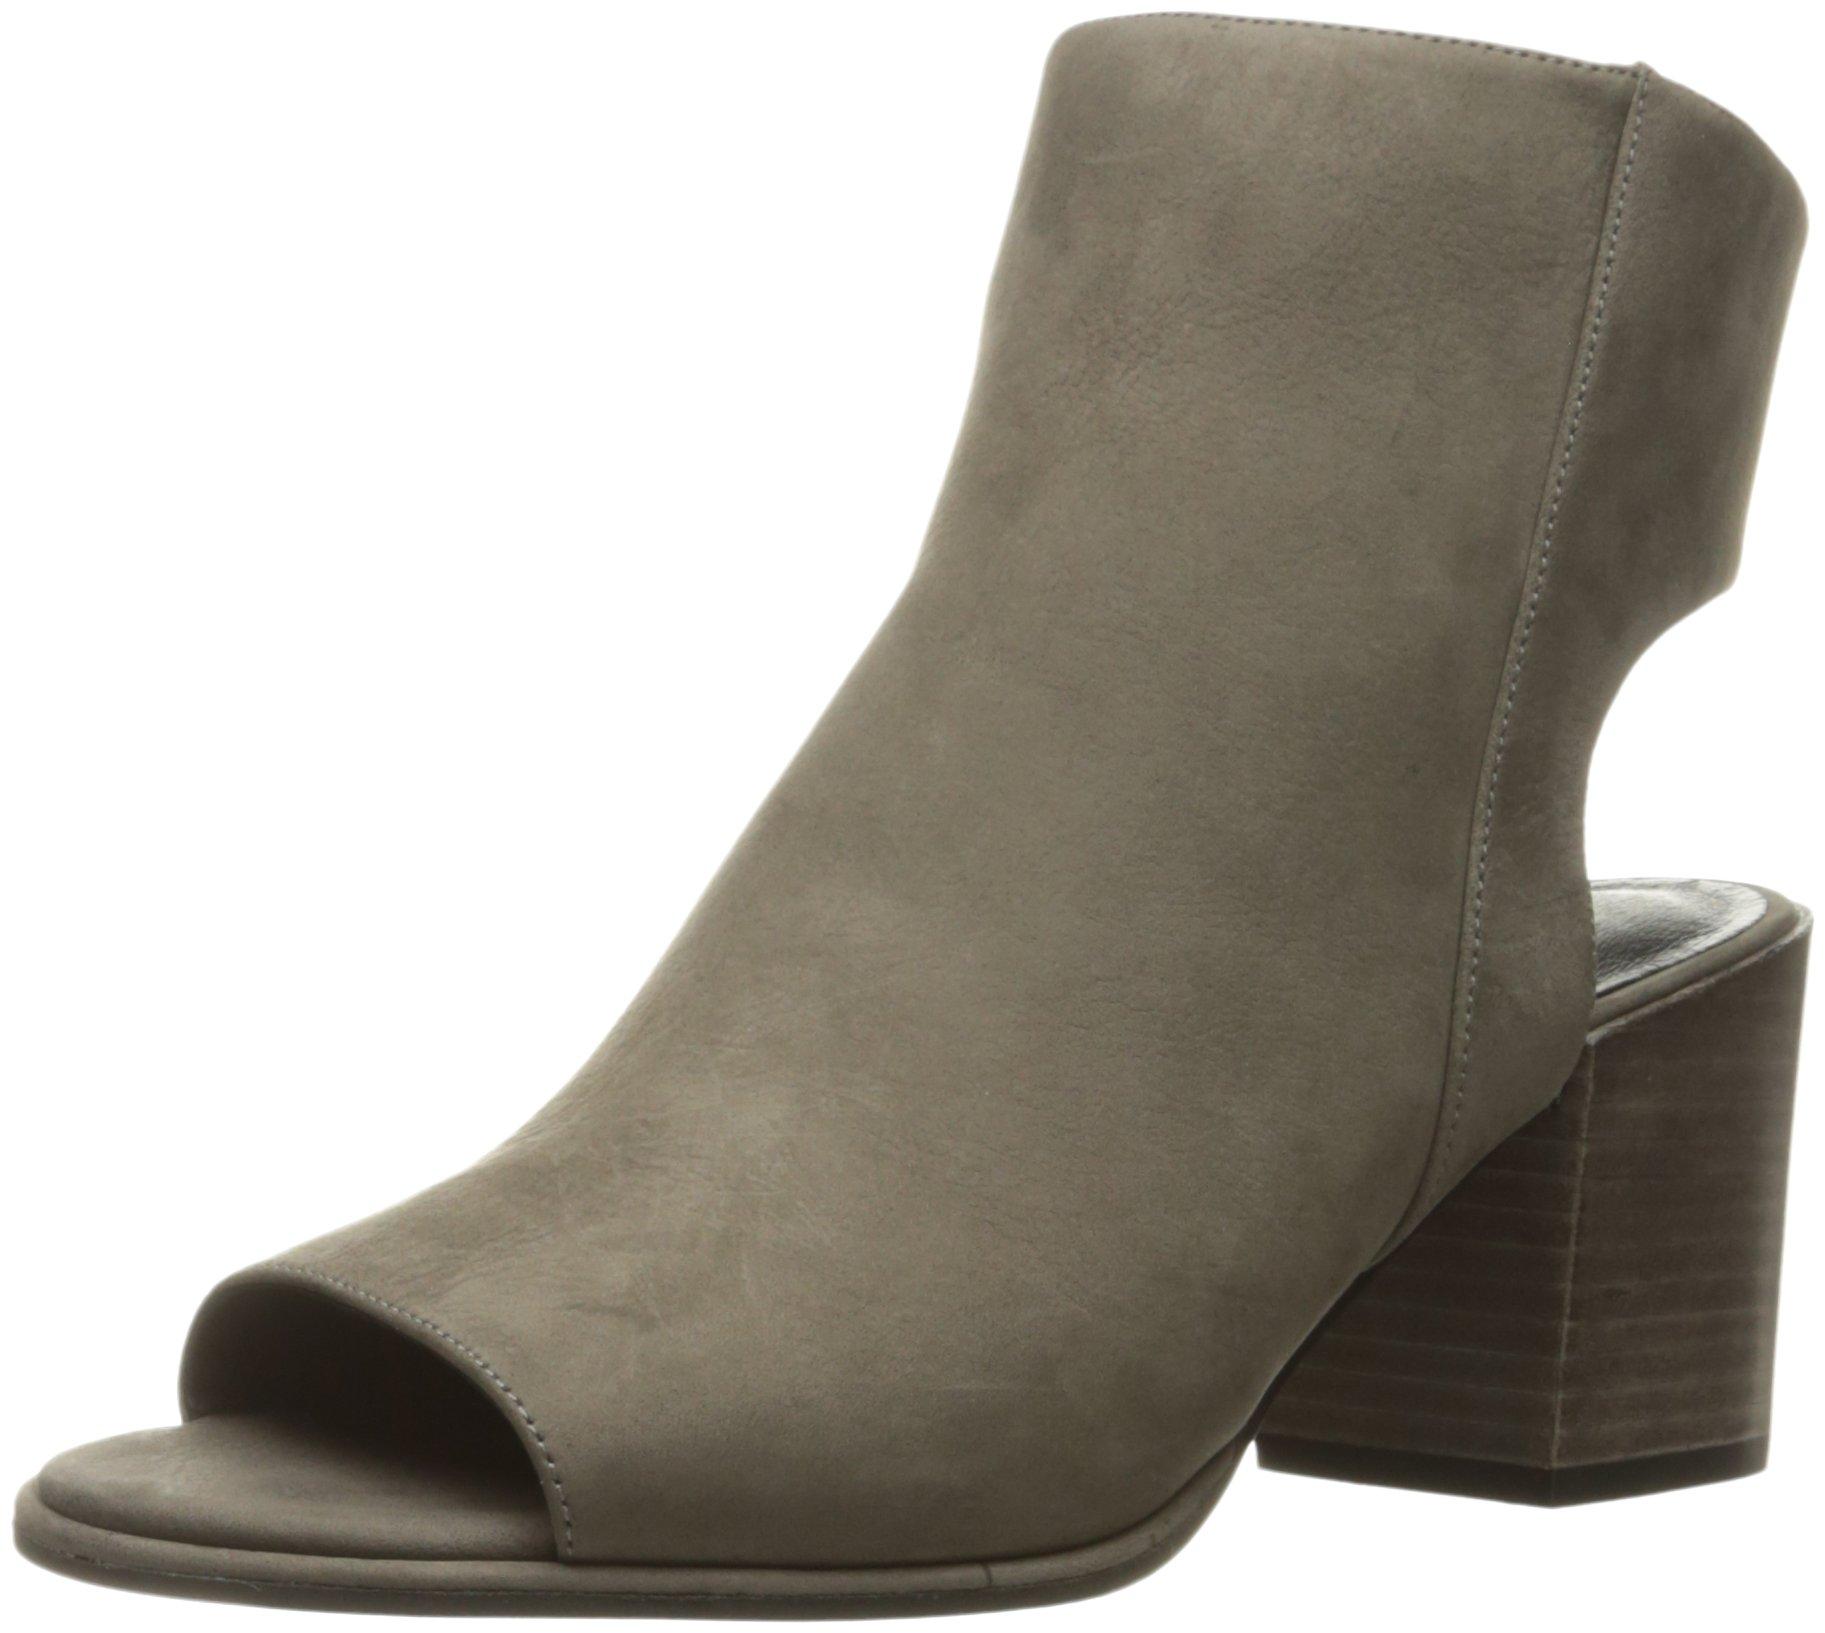 2 Inch Heel Booties: Amazon.com